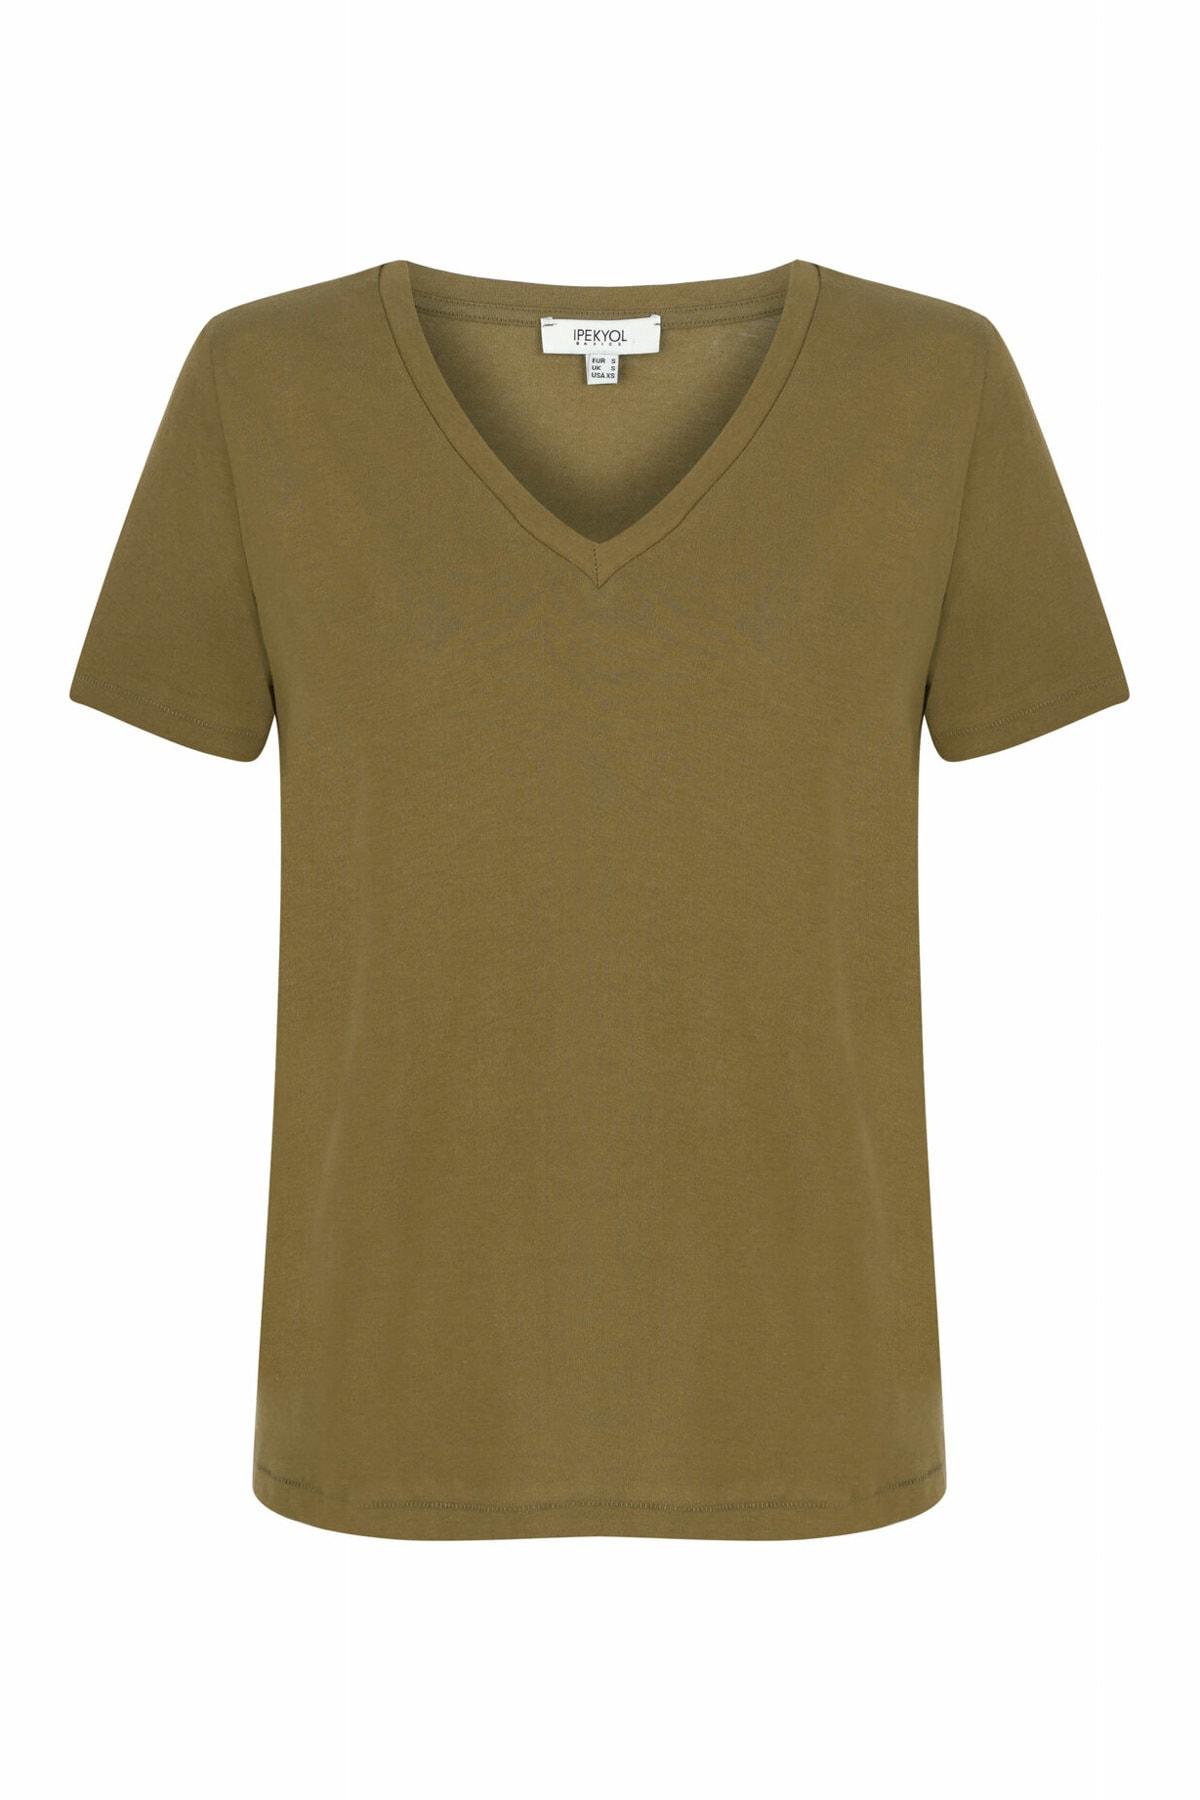 İpekyol Kadın Haki V Yaka Basic T-shirt 1